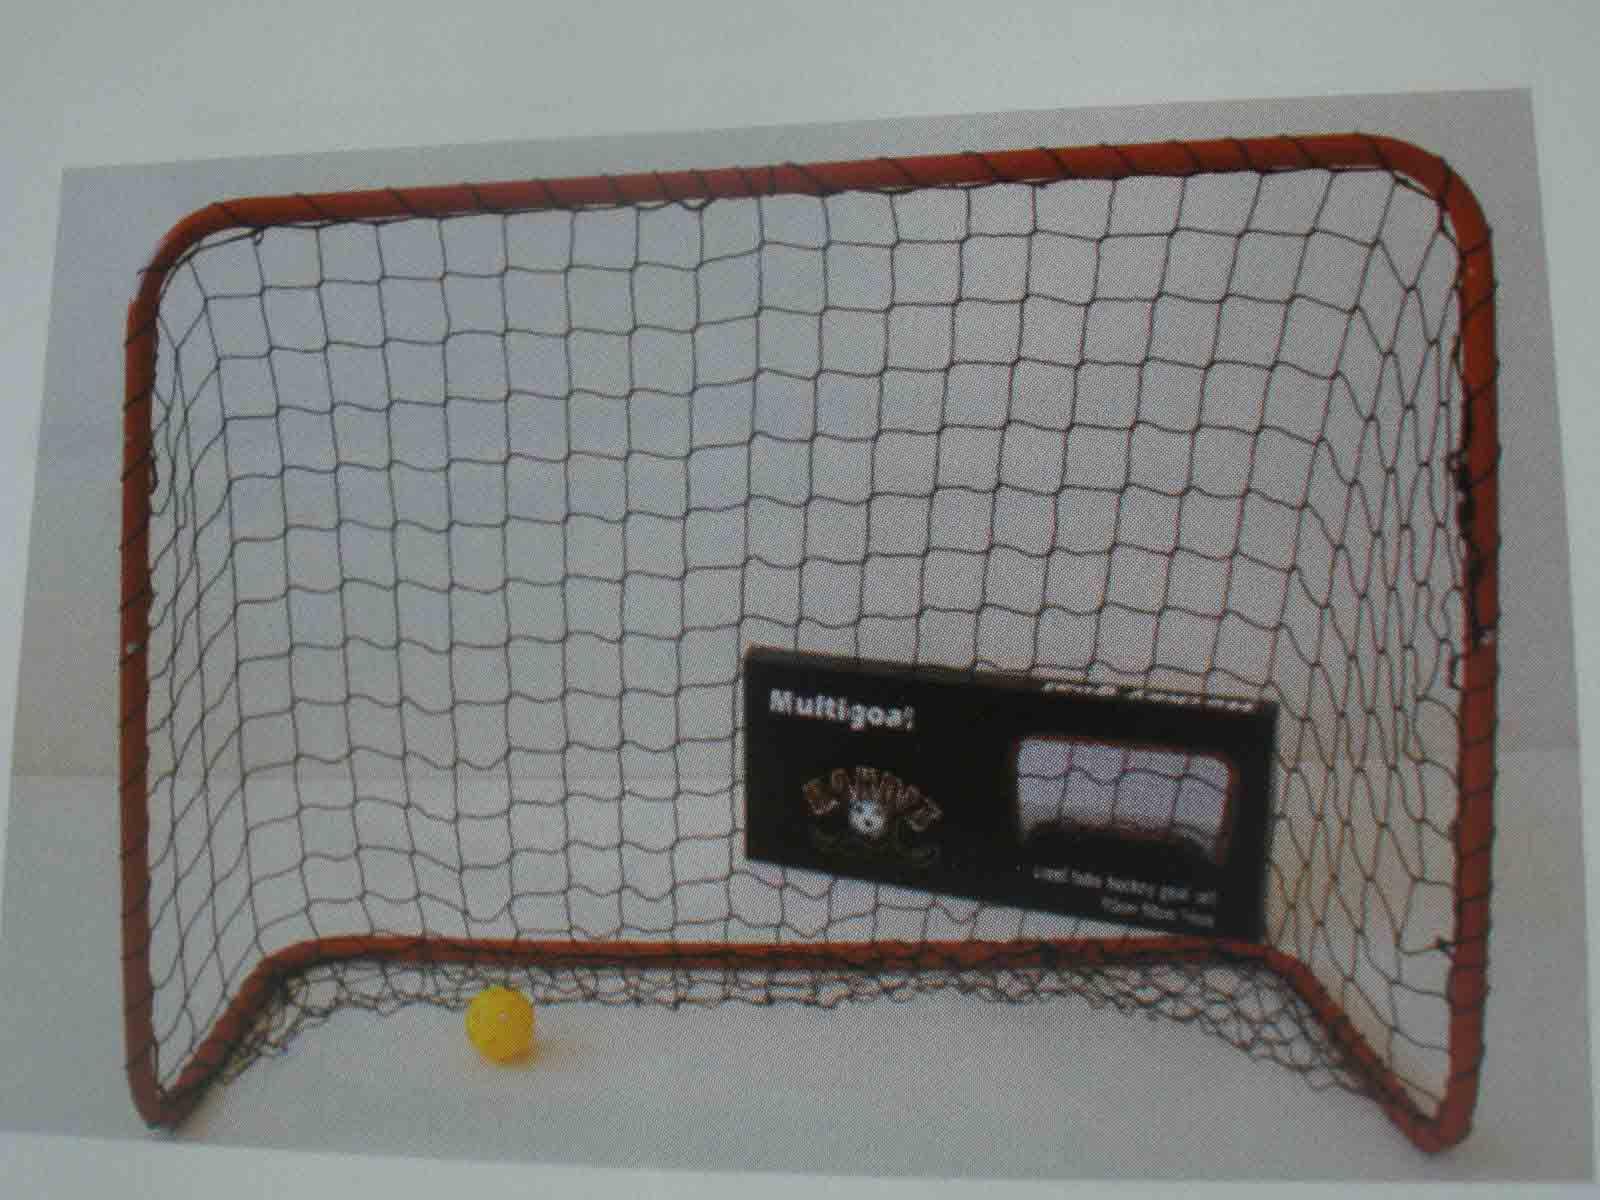 Florbalová bránka, kov 90 x 60 cm so sieťou